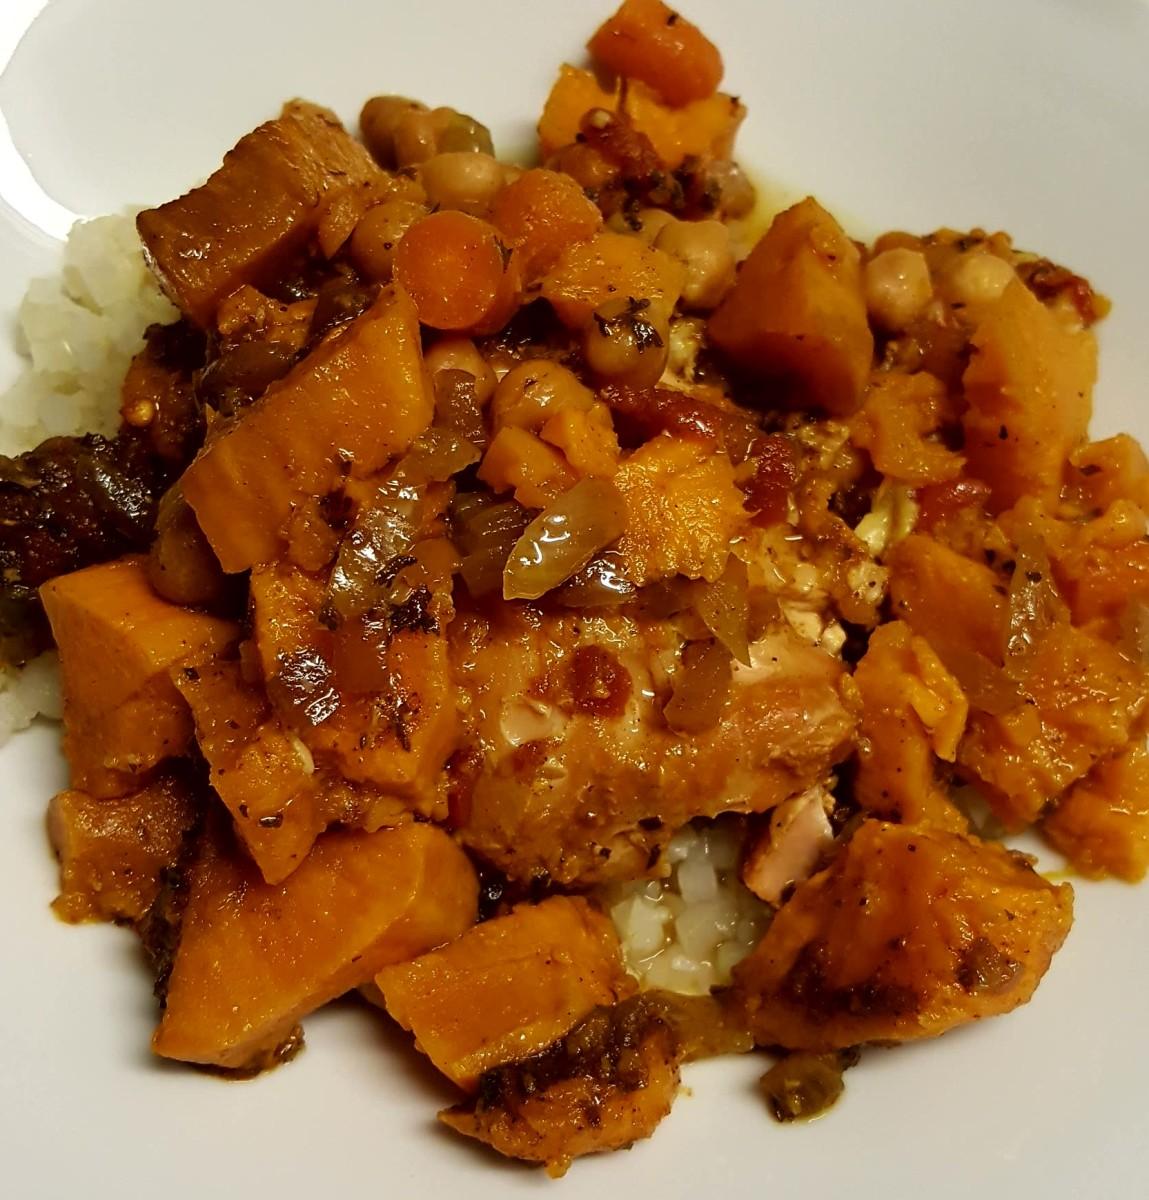 Chicken Marrakesh served over riced  cauliflower